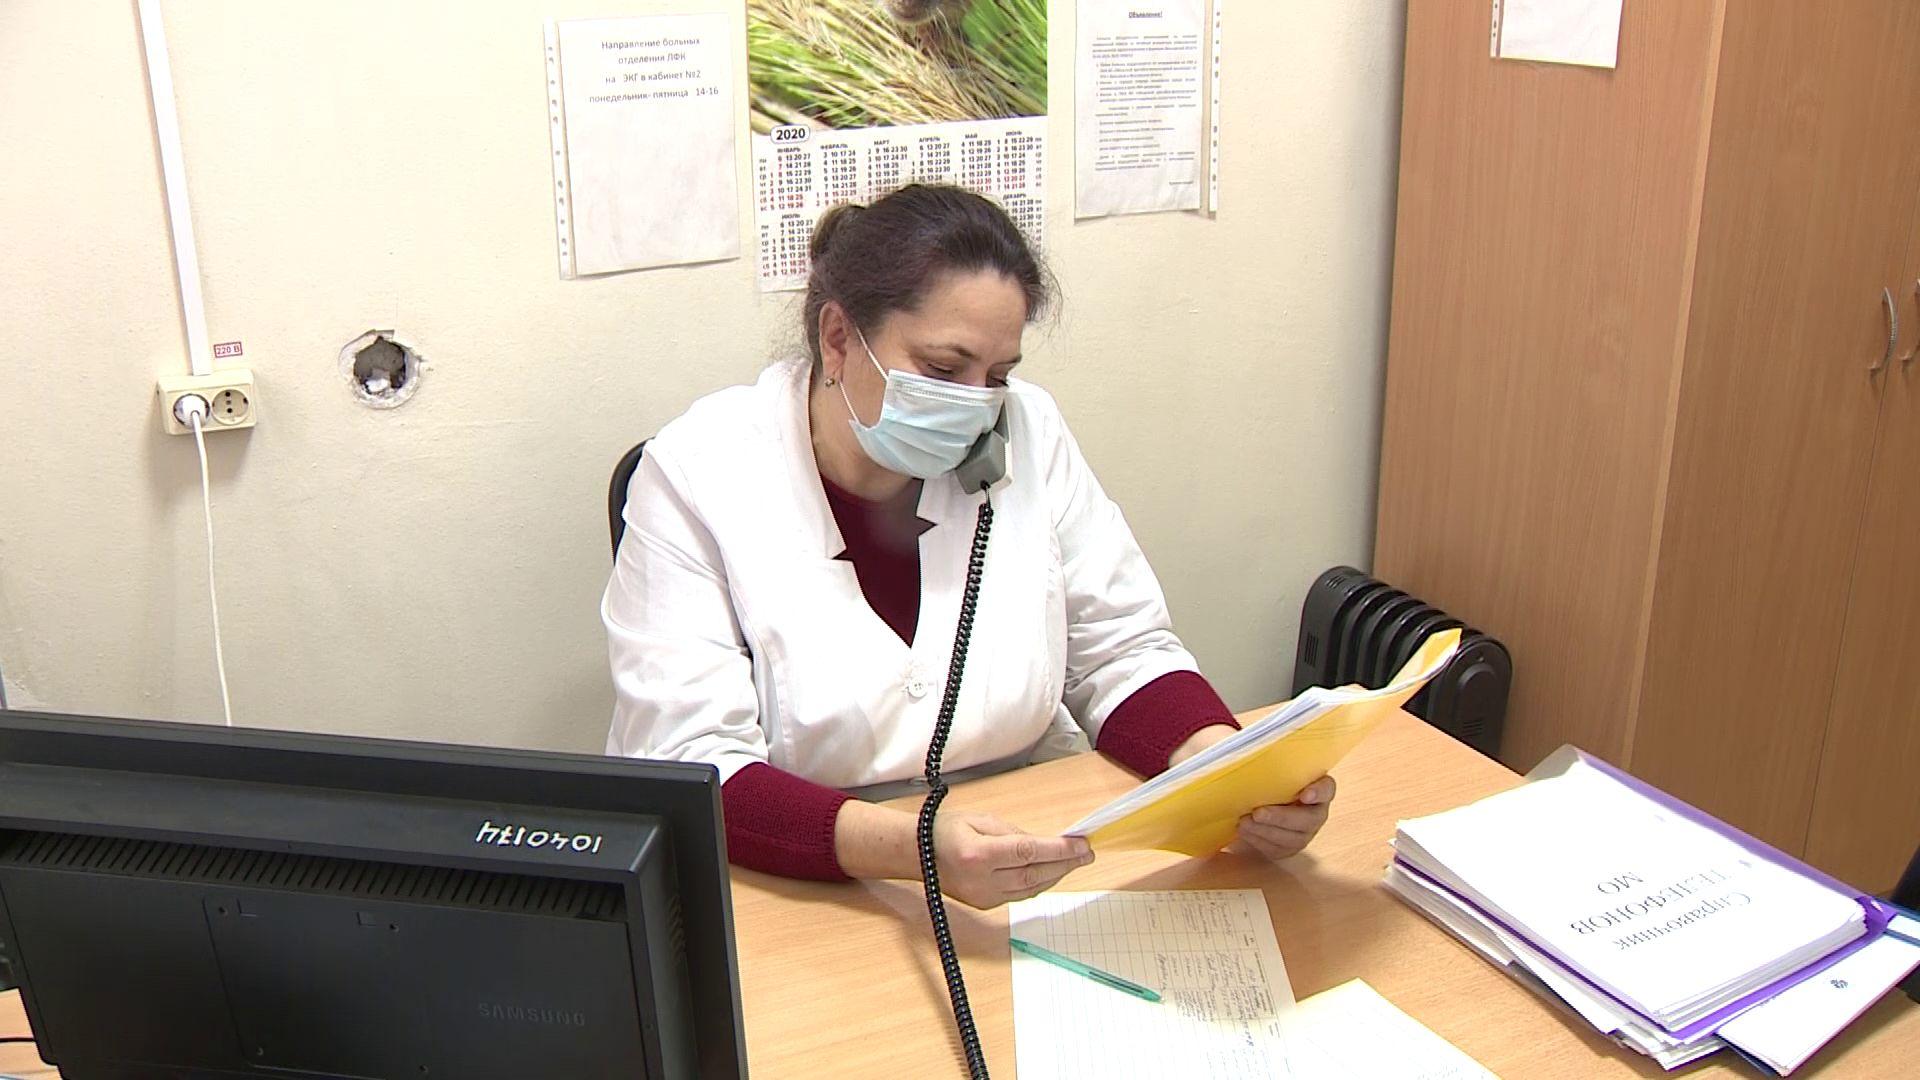 Горячая линия по коронавирусу будет работать в новогодние праздники